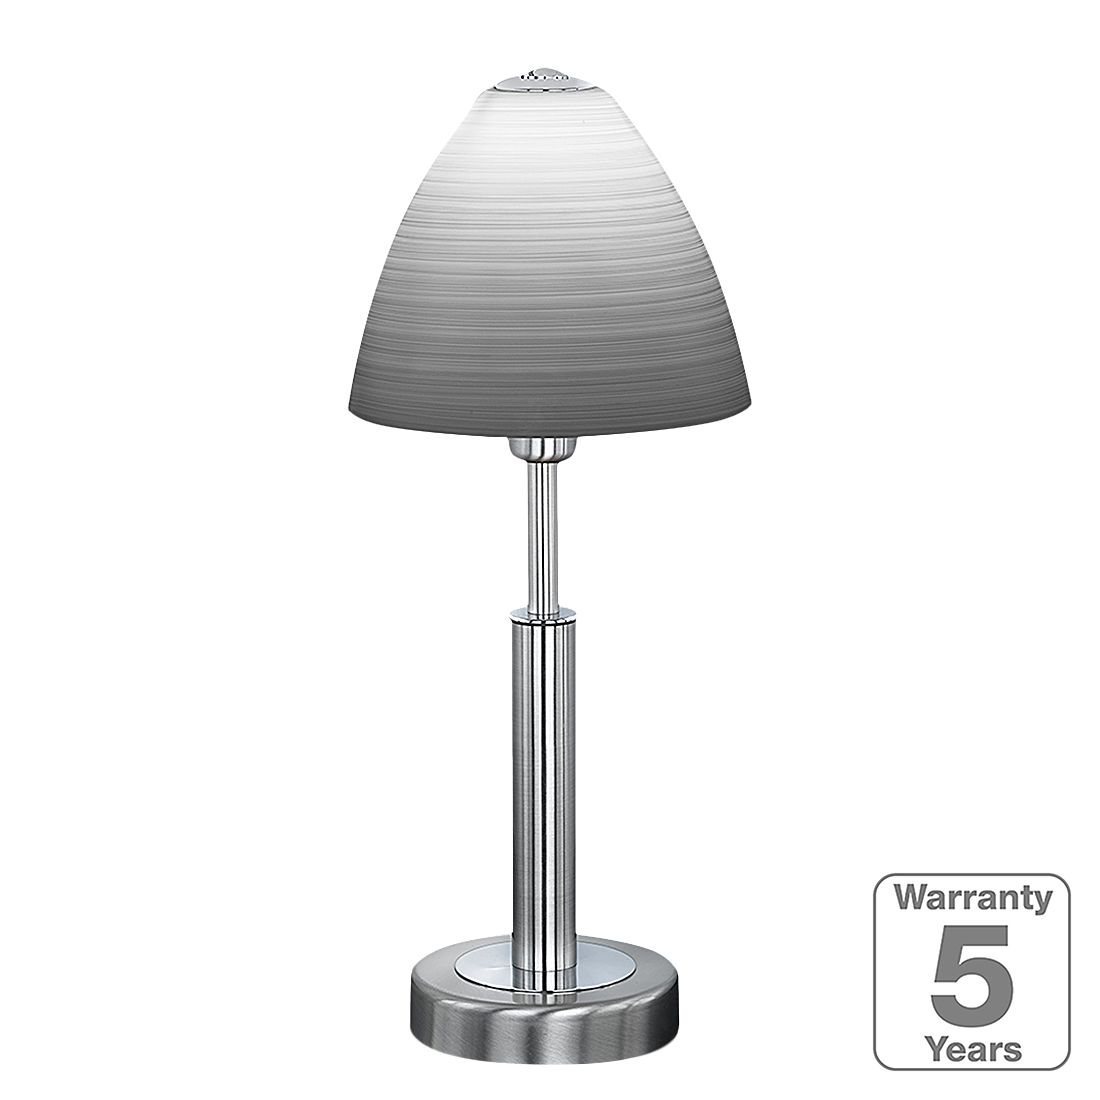 energie  A++, Tafellamp Savannah - 1 lichtbron, Wofi